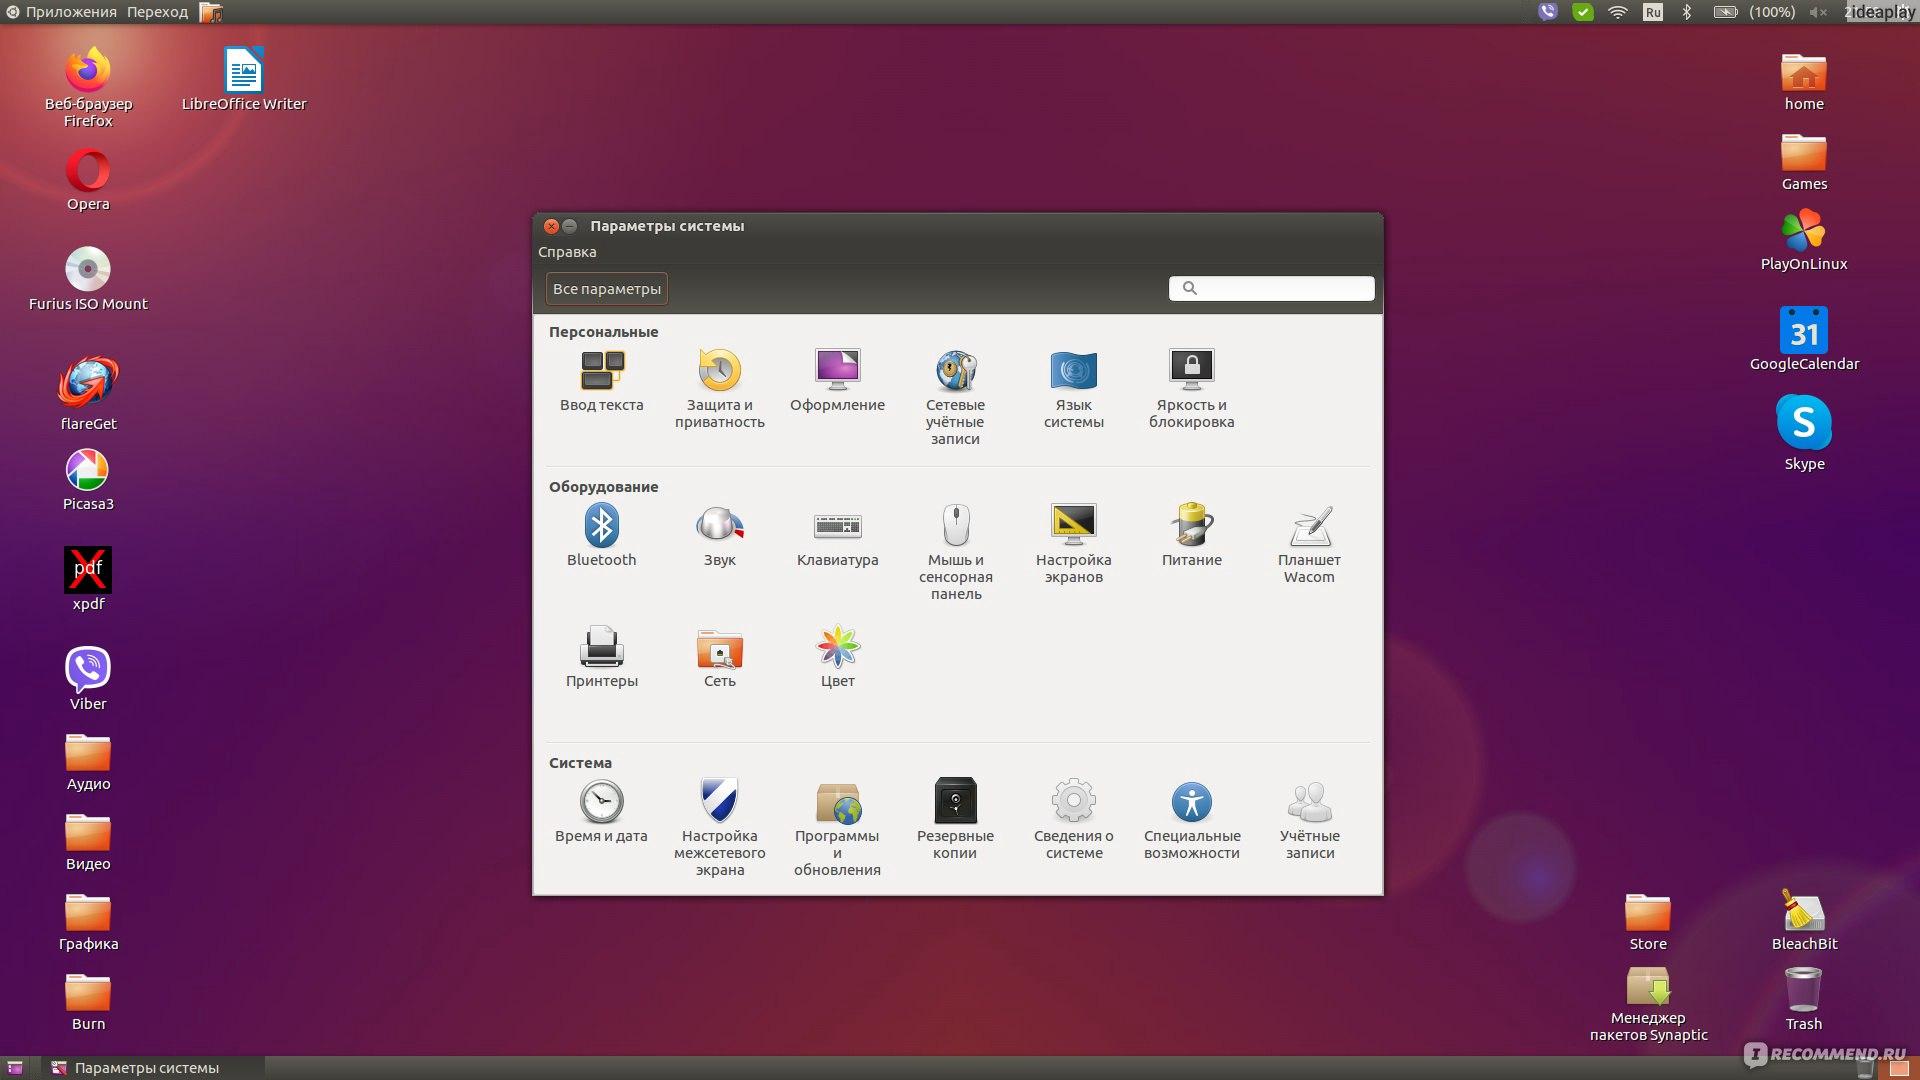 Тор браузер для линукс убунту гидра tor browser bundle скачать бесплатно на русском hydra2web